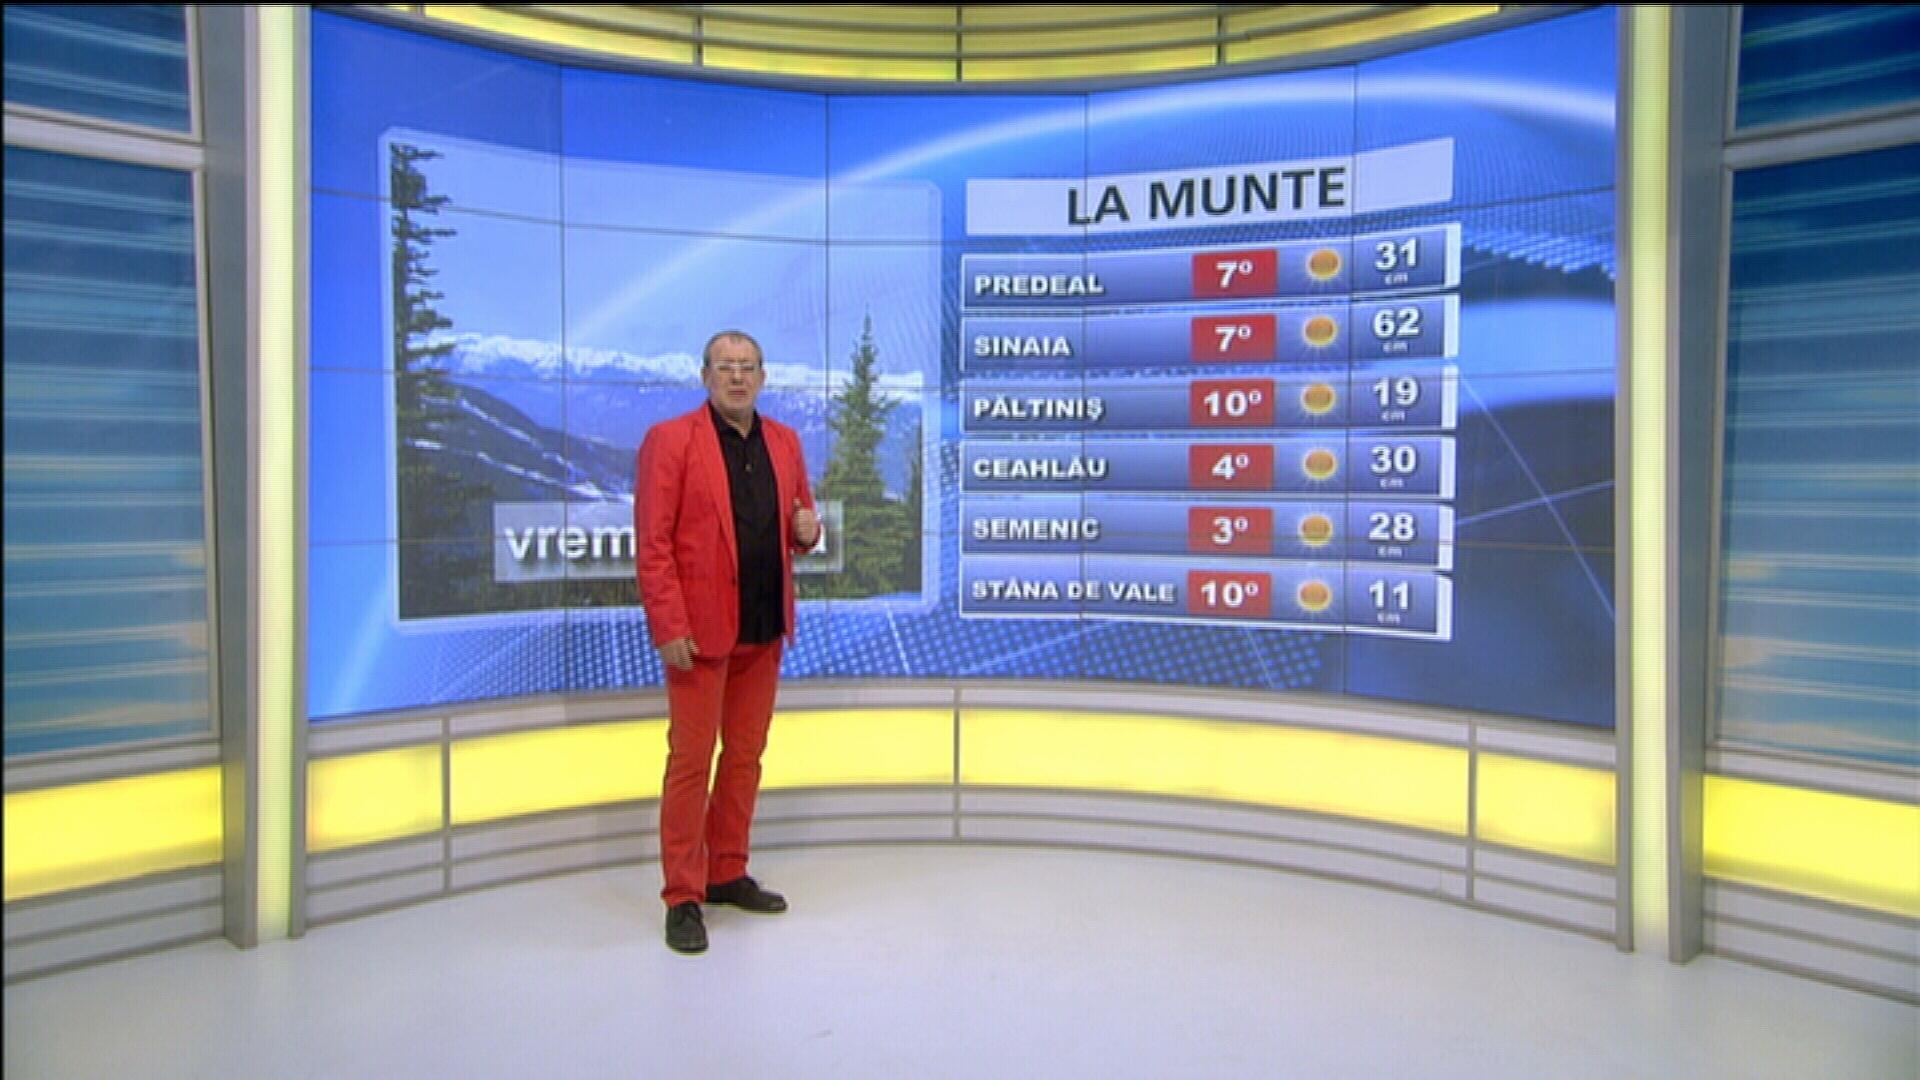 Vremea in ziua de 4 februarie 2014, prezentata de Florin Busuioc. Prognoza meteo pana vineri